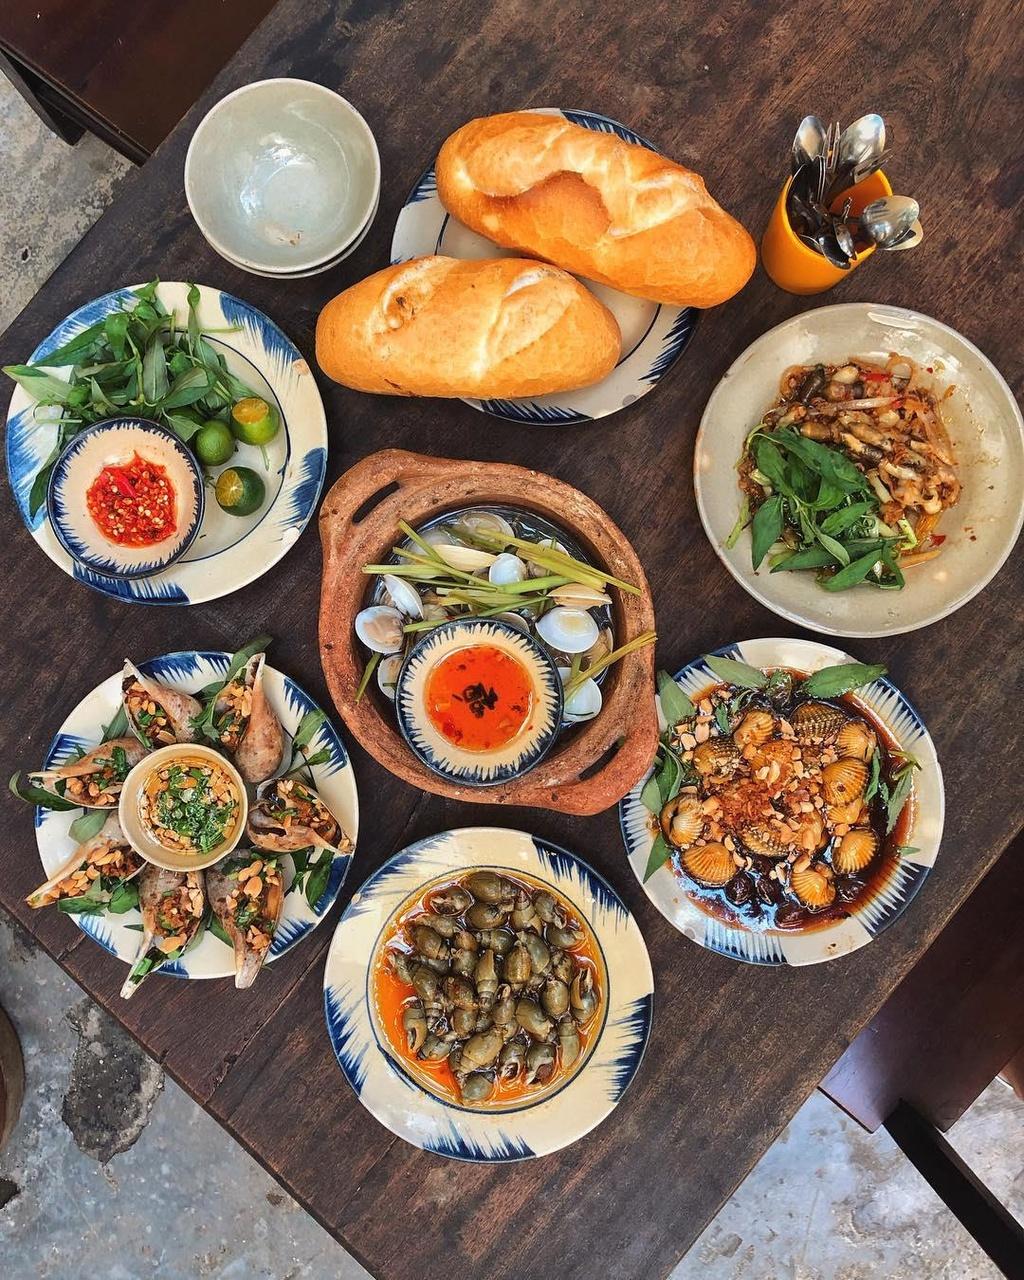 5 quán hải sản tươi ngon ở TP.HCM cho hội bạn thân tụ tập - Ảnh 8.